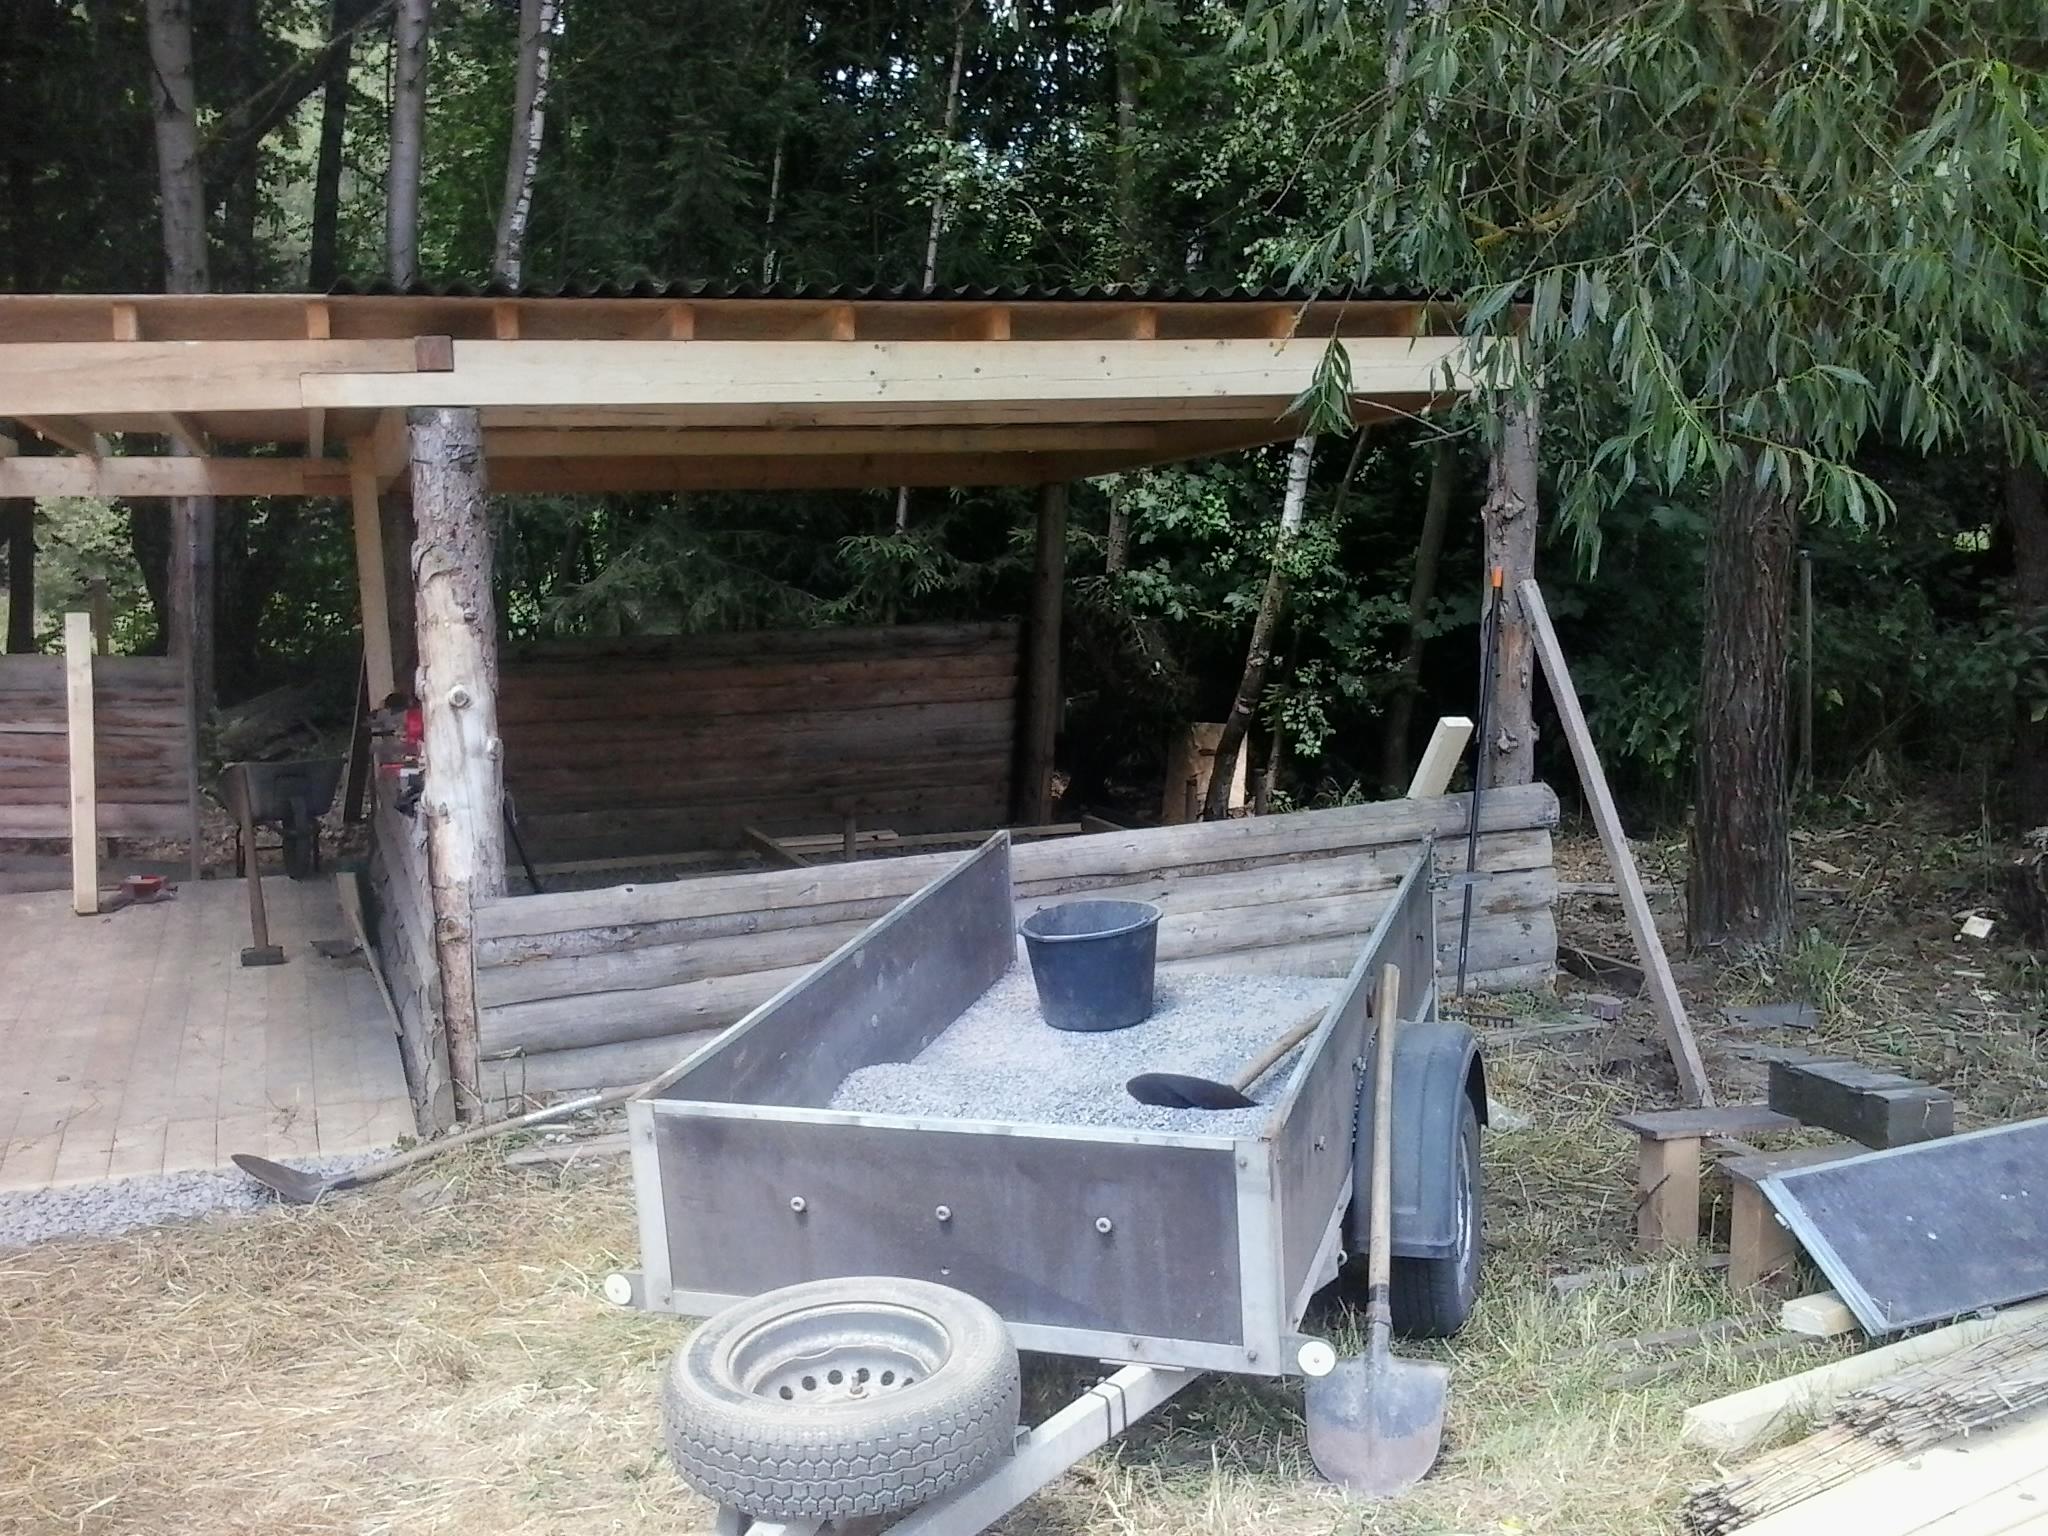 Táborová kuchyně (střecha bitumen, konstrukce a podlaha dřevěná)